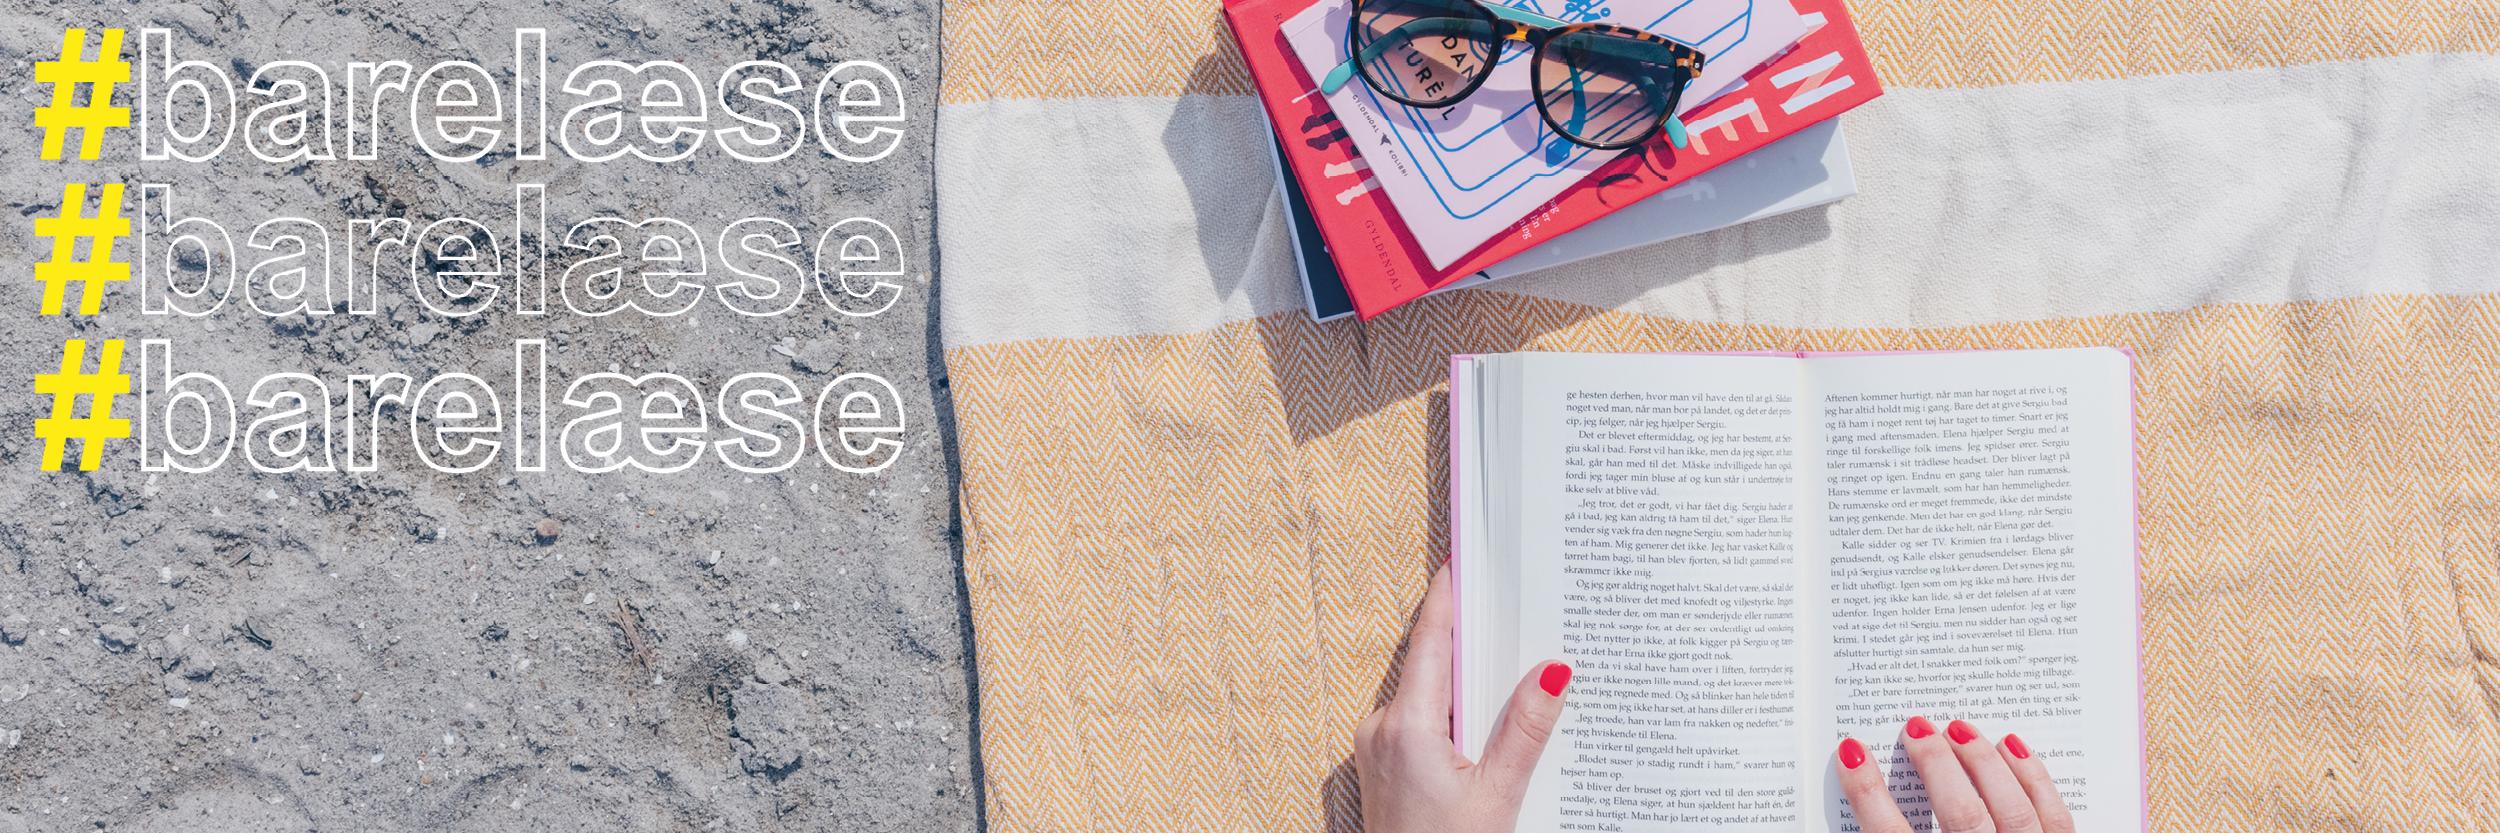 Strandtæppe og bog med #barelæse